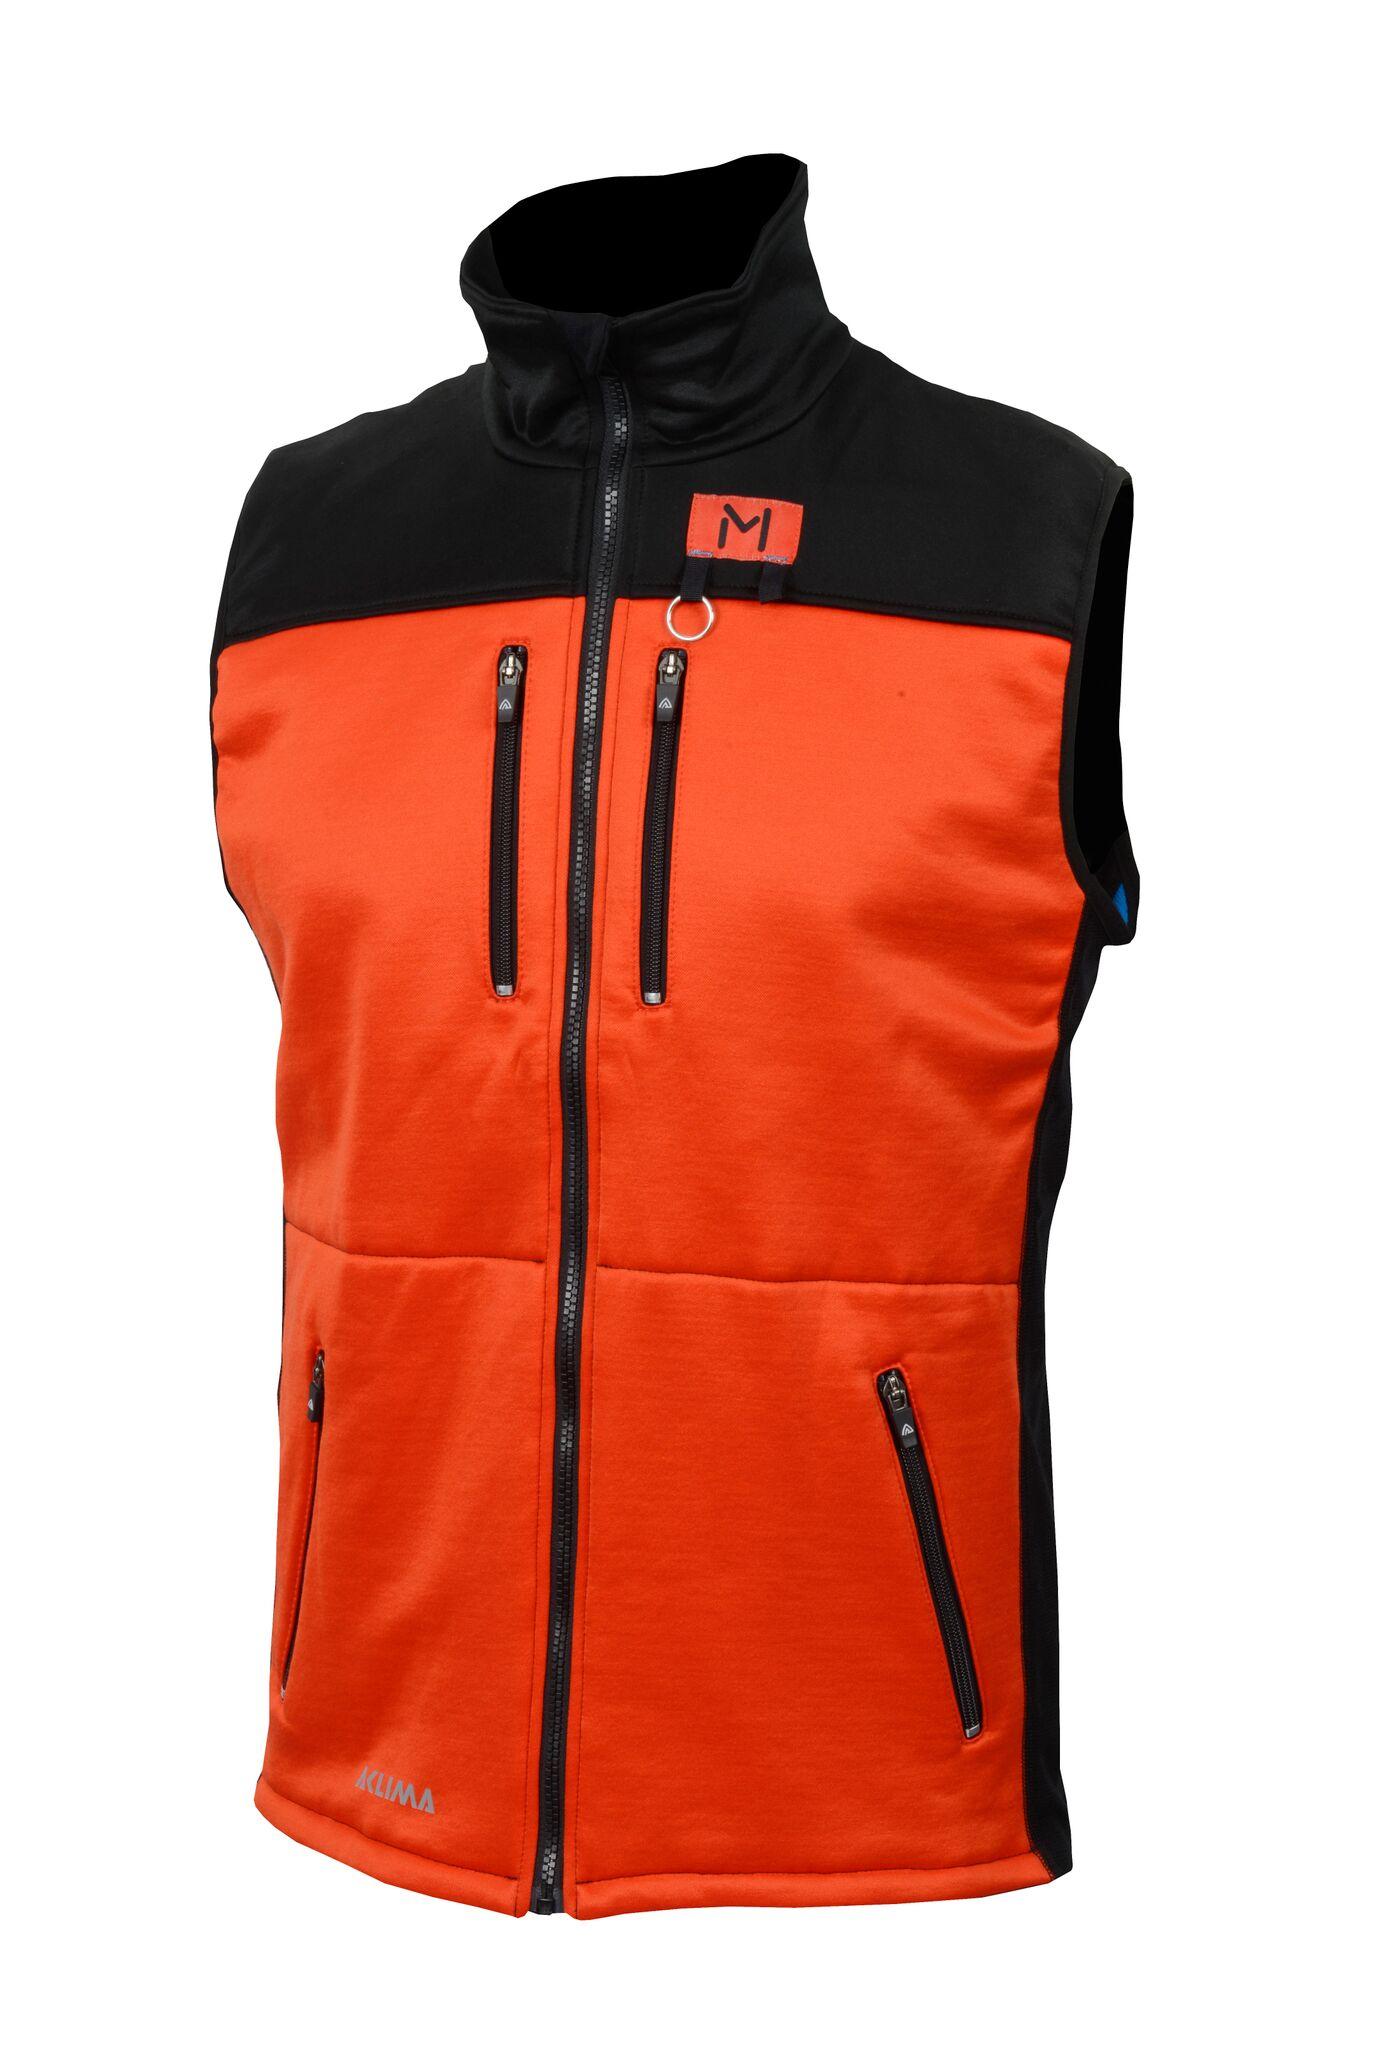 Aclima LM Anàrjohka Woolshell Vest, M's